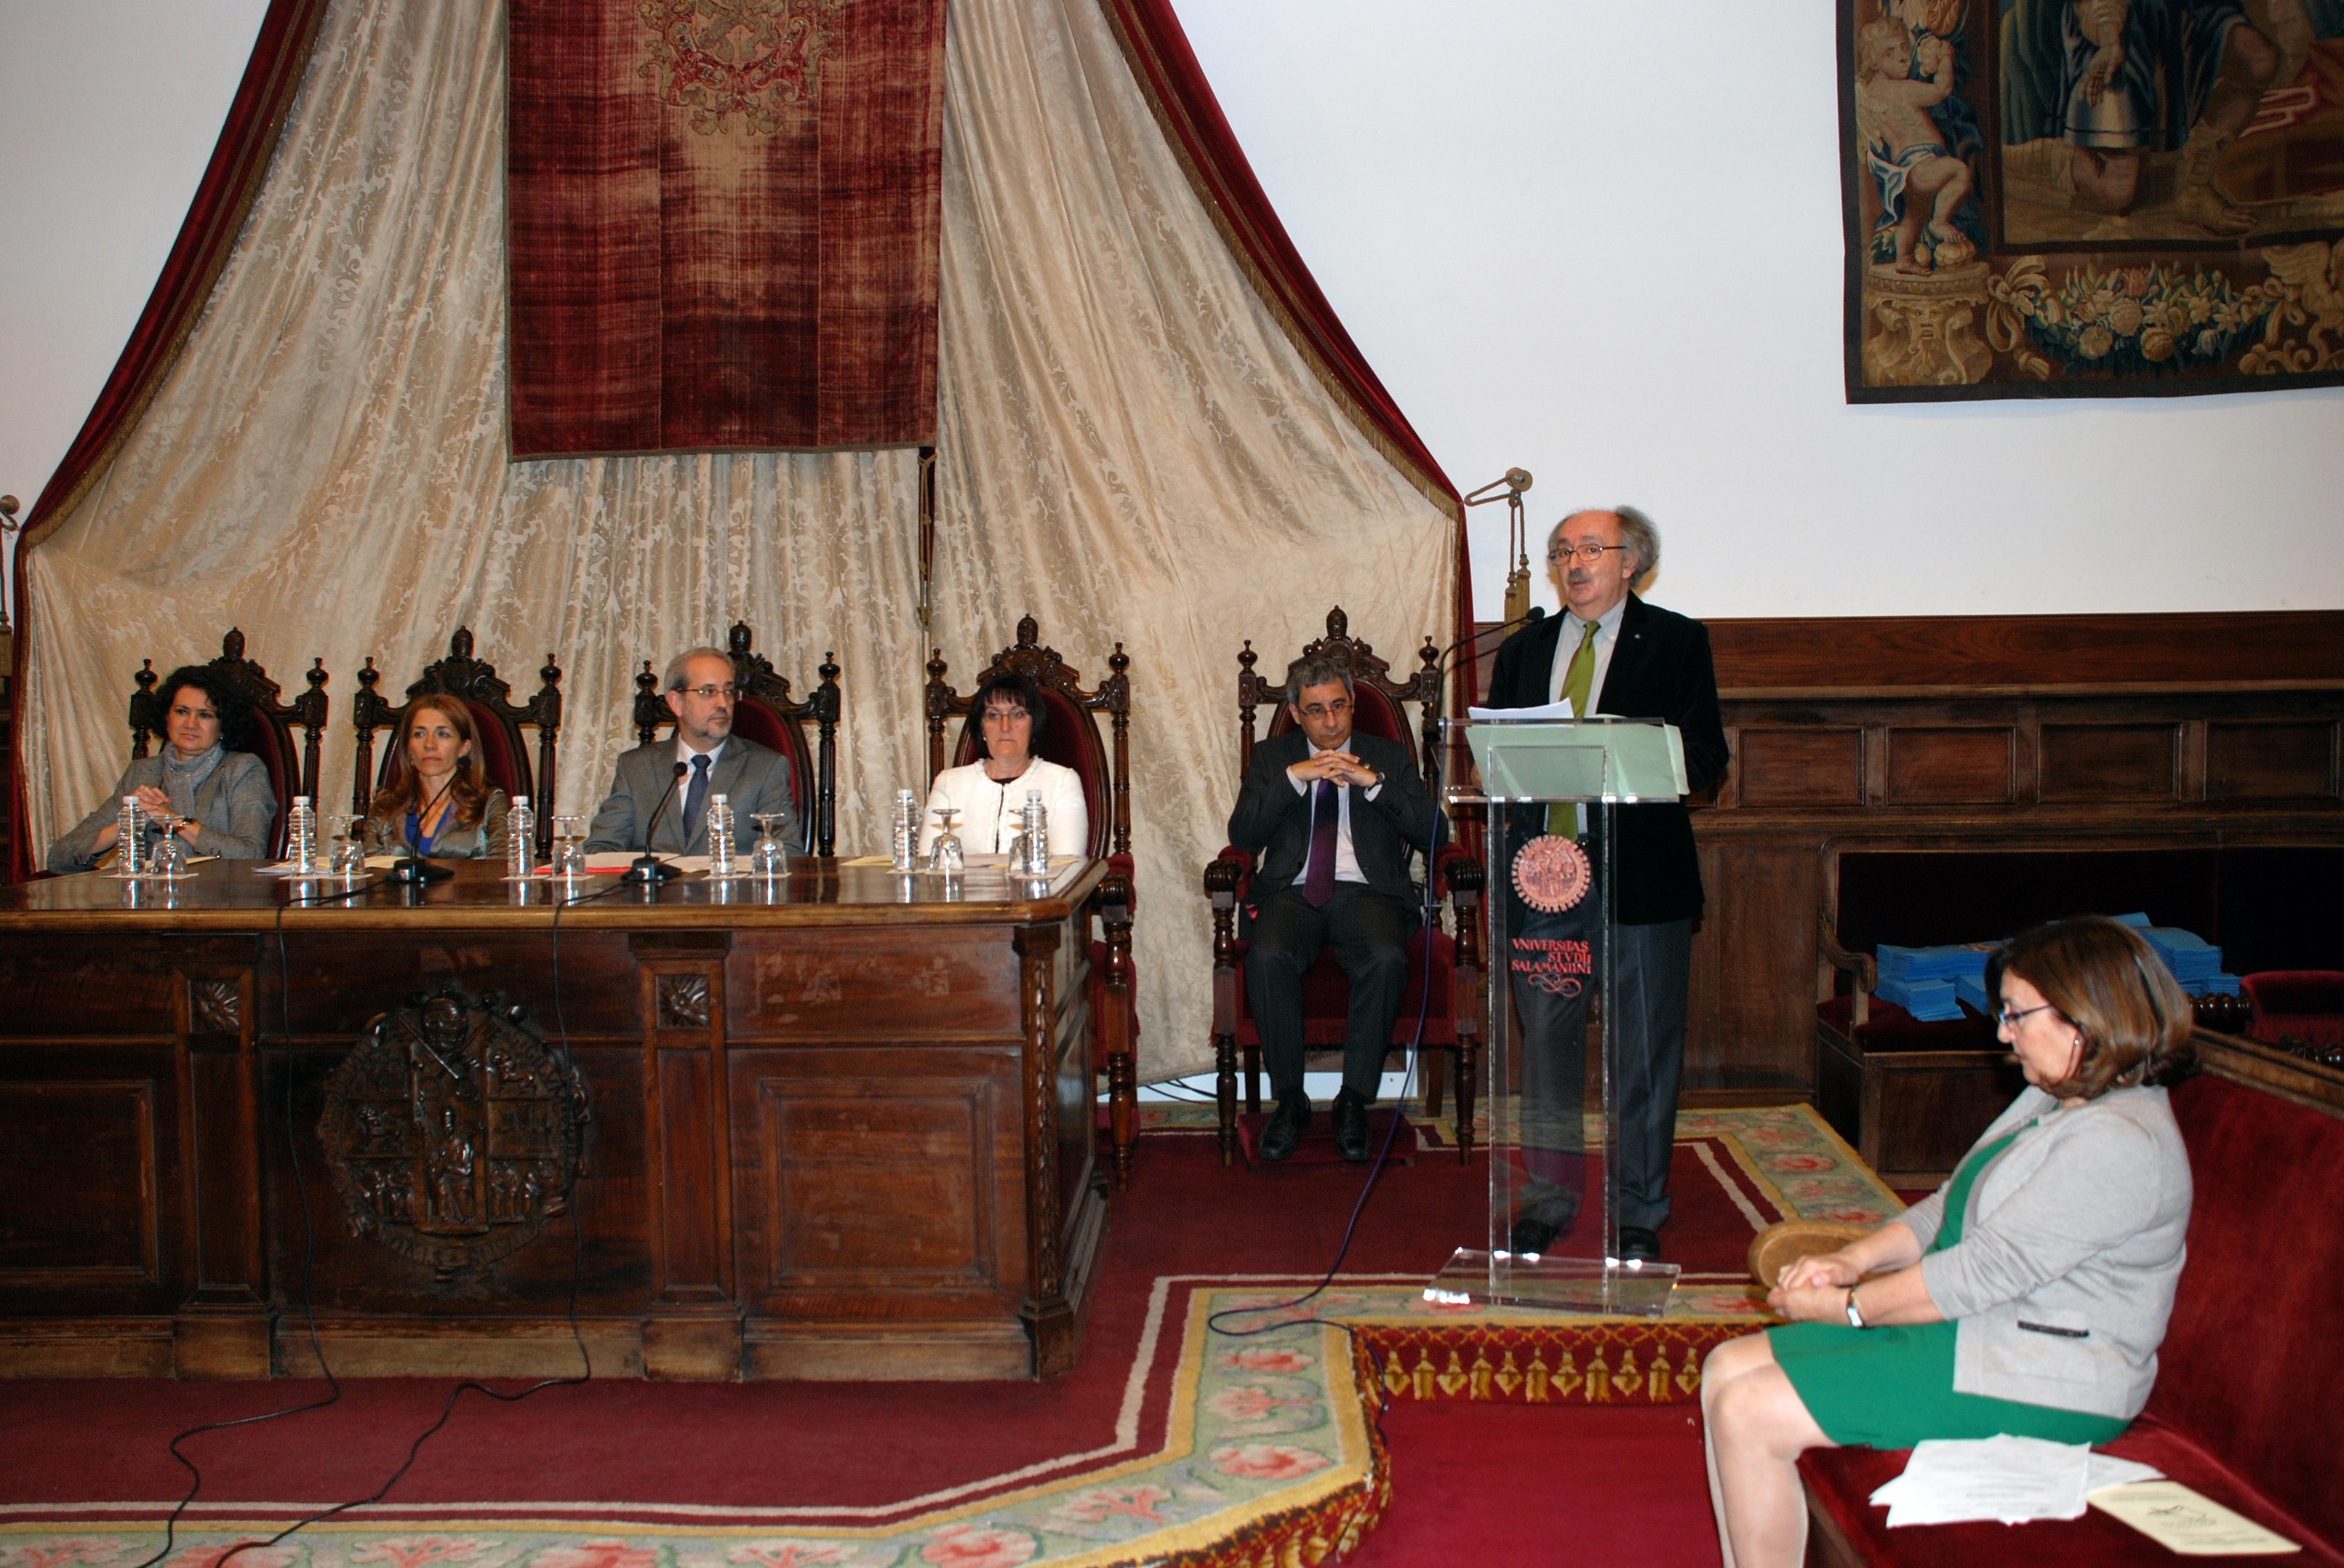 El rector preside la ceremonia de graduación del Programa Interuniversitario de la Experiencia de la Universidad de Salamanca